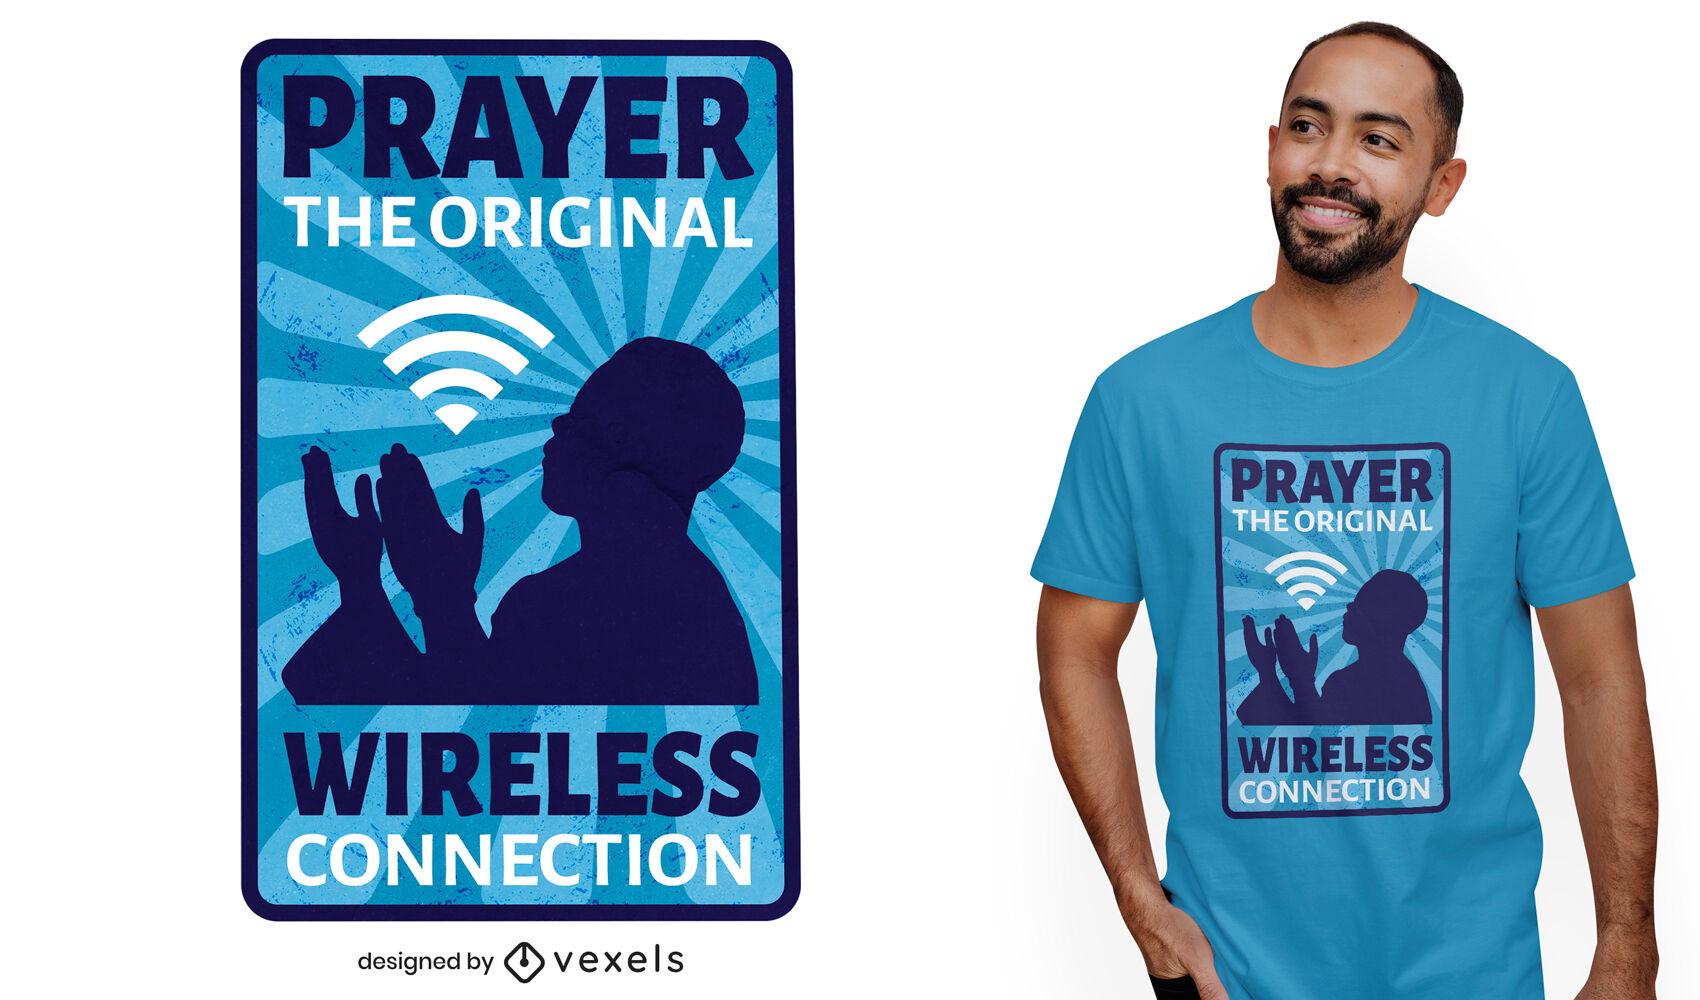 Religion prayer wifi joke t-shirt design